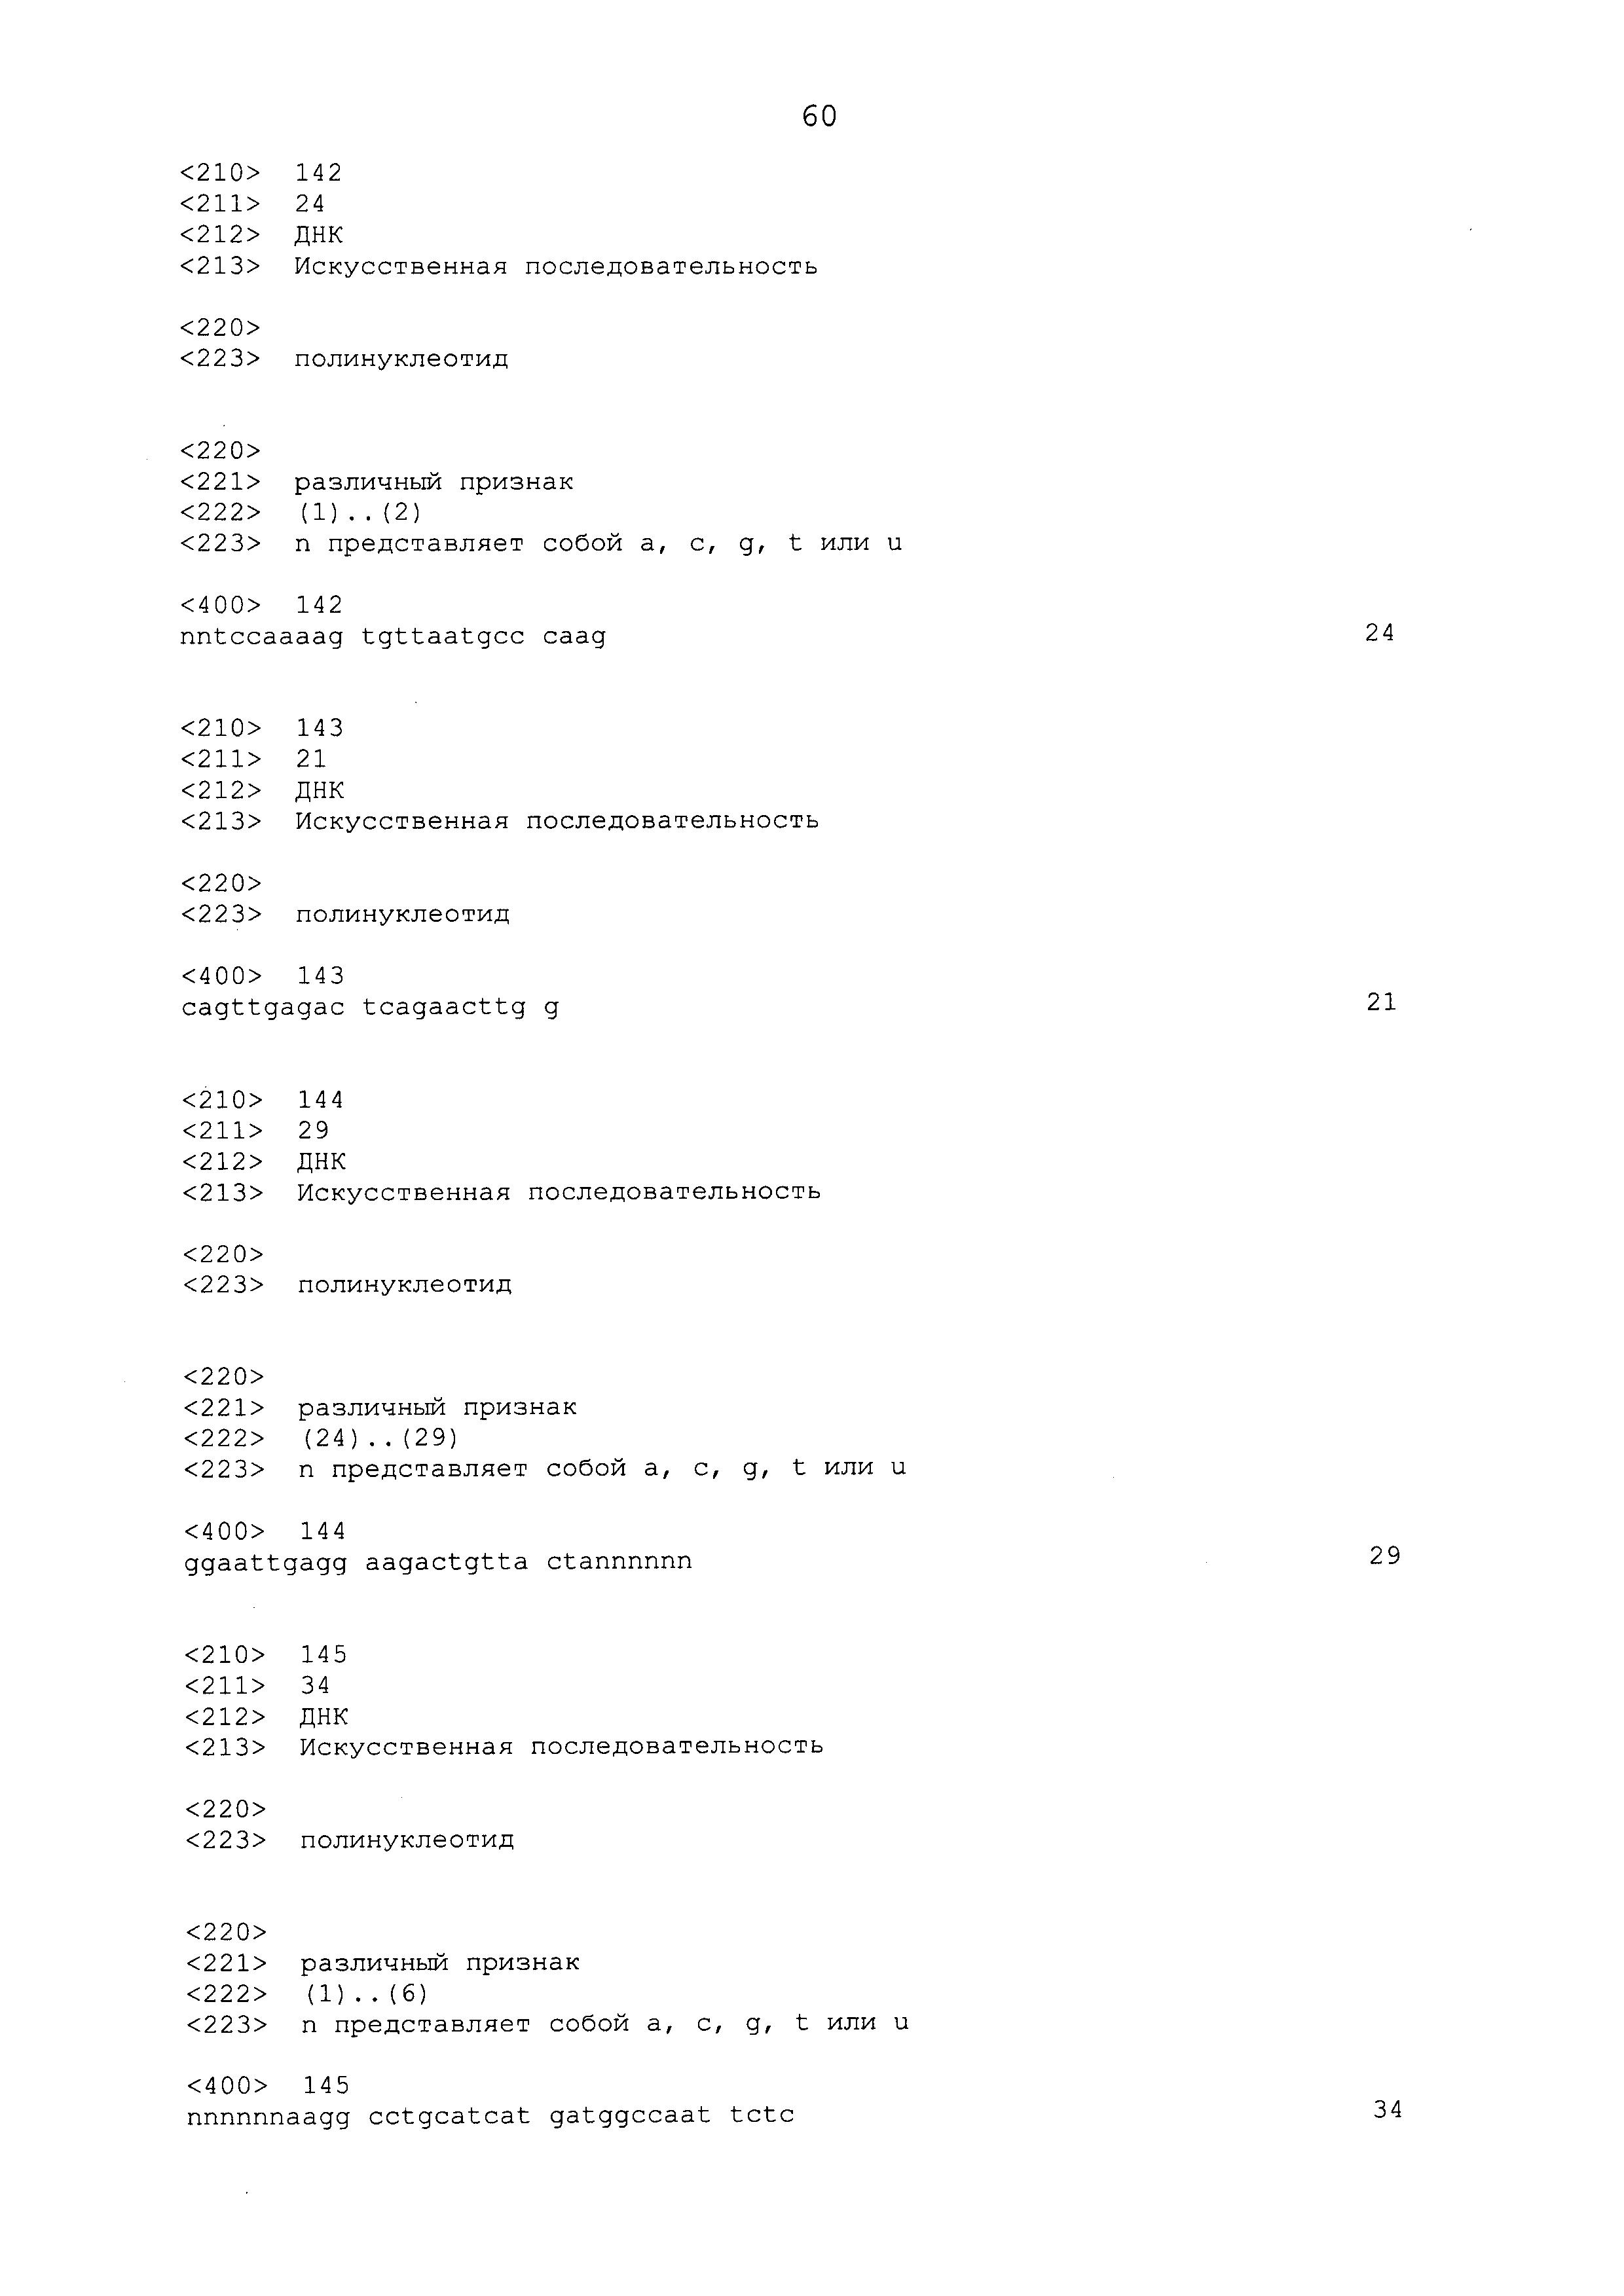 Последовательность — википедия. что такое последовательность